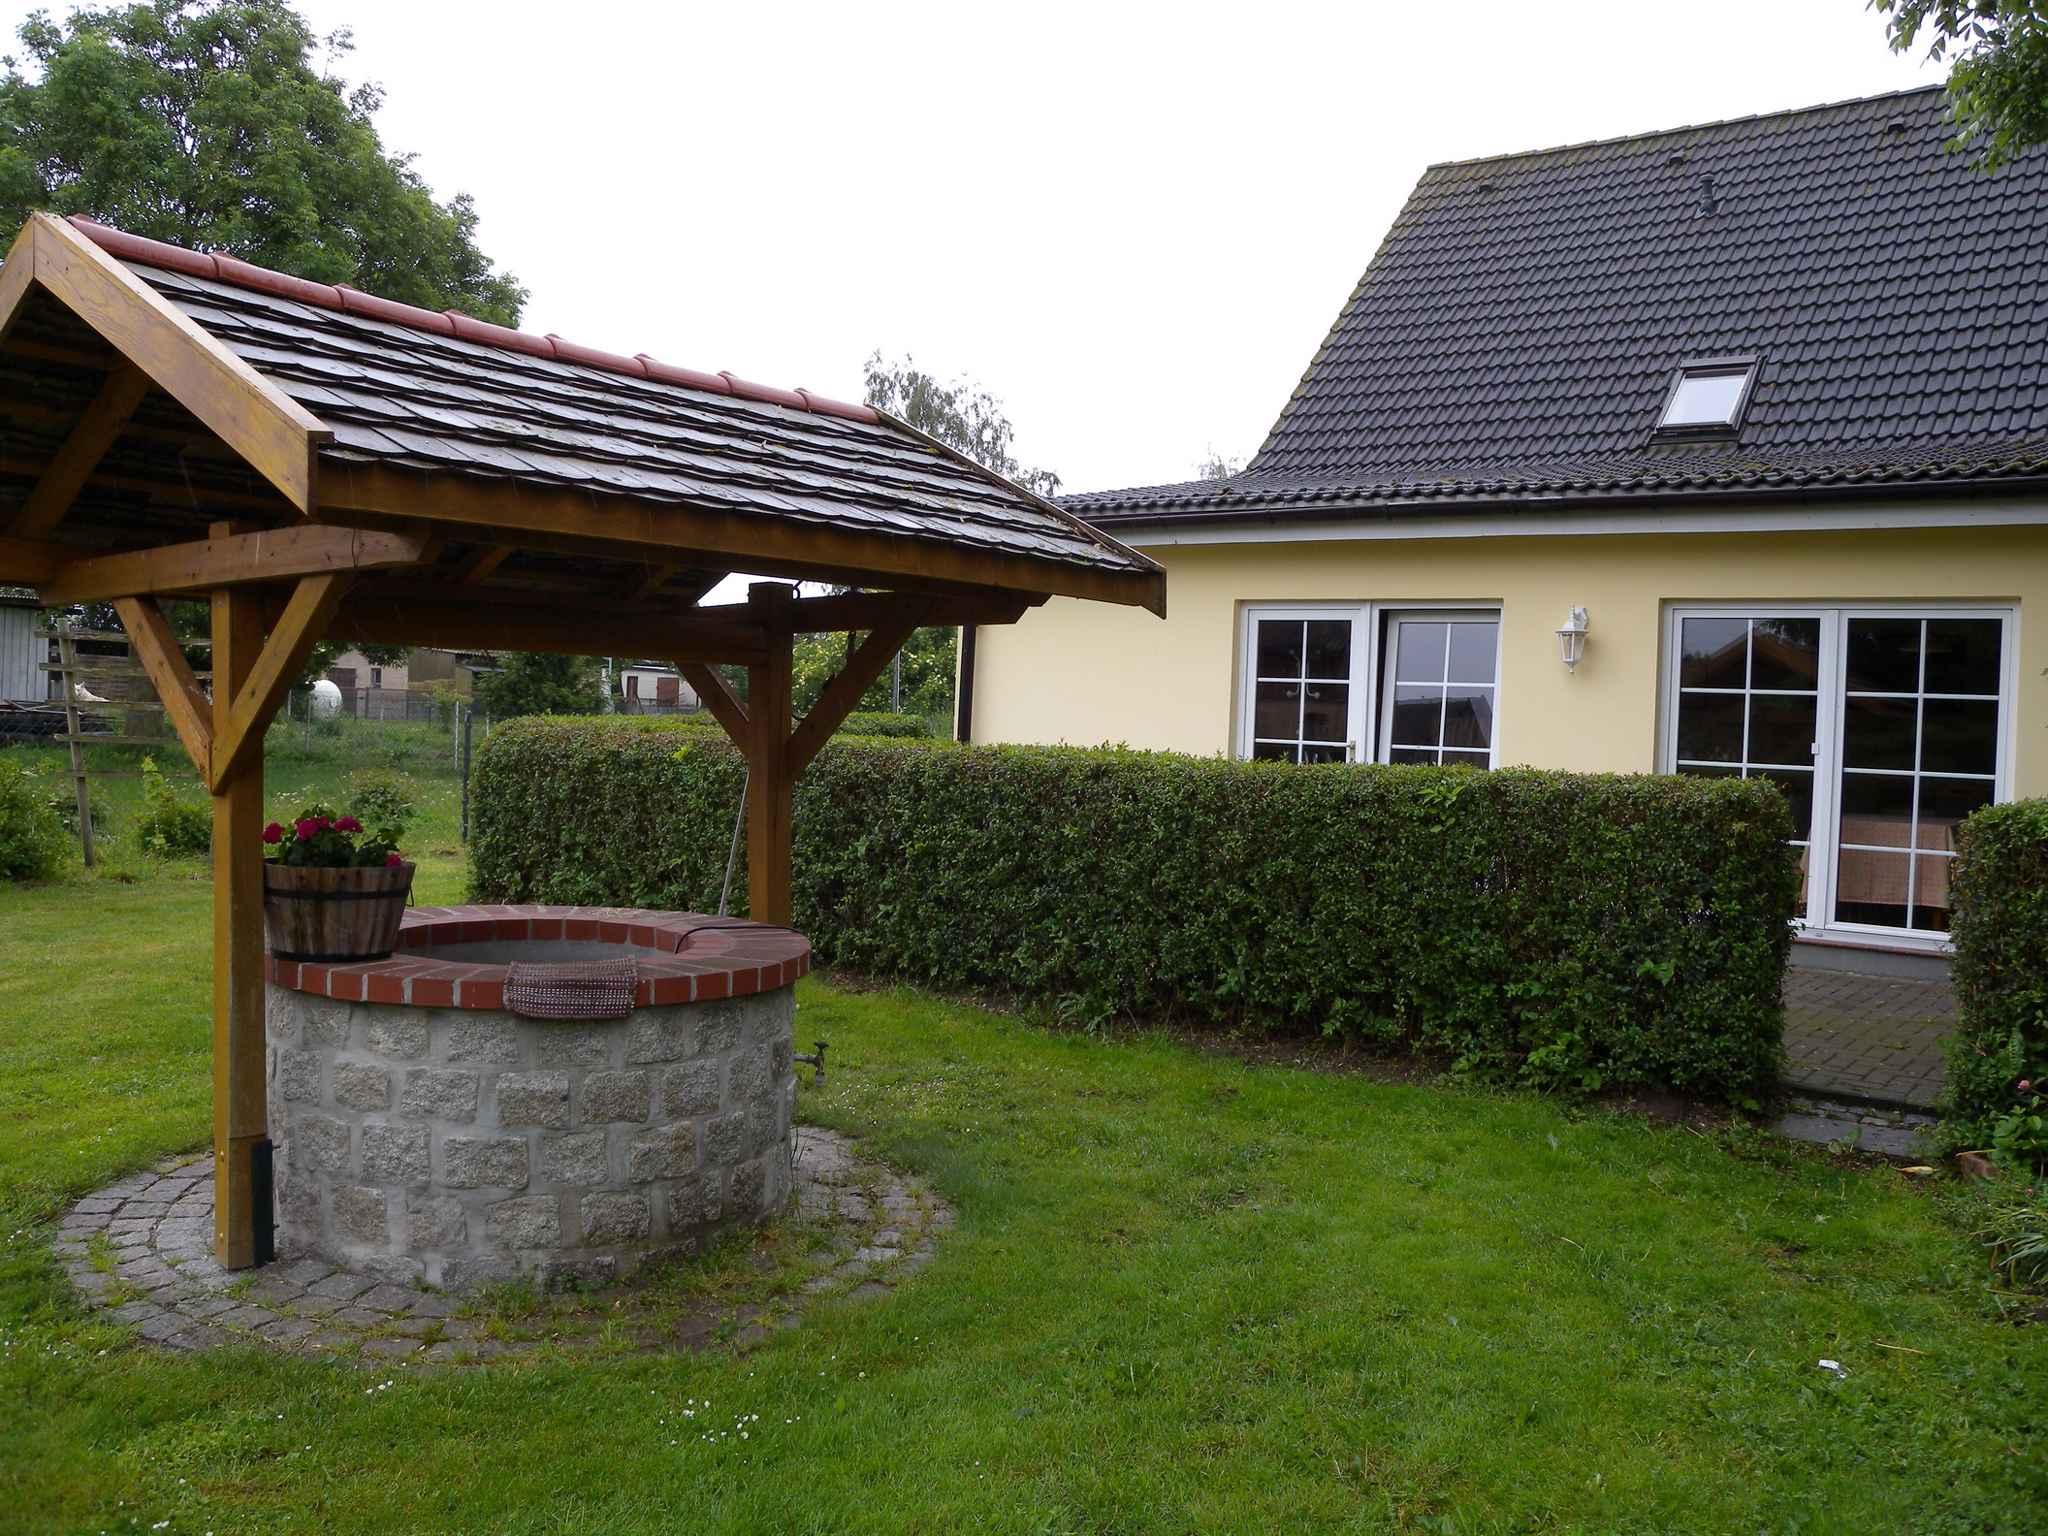 Ferienwohnung mit Terrassennutzung (342079), Löbnitz, Ostseeküste Mecklenburg-Vorpommern, Mecklenburg-Vorpommern, Deutschland, Bild 2